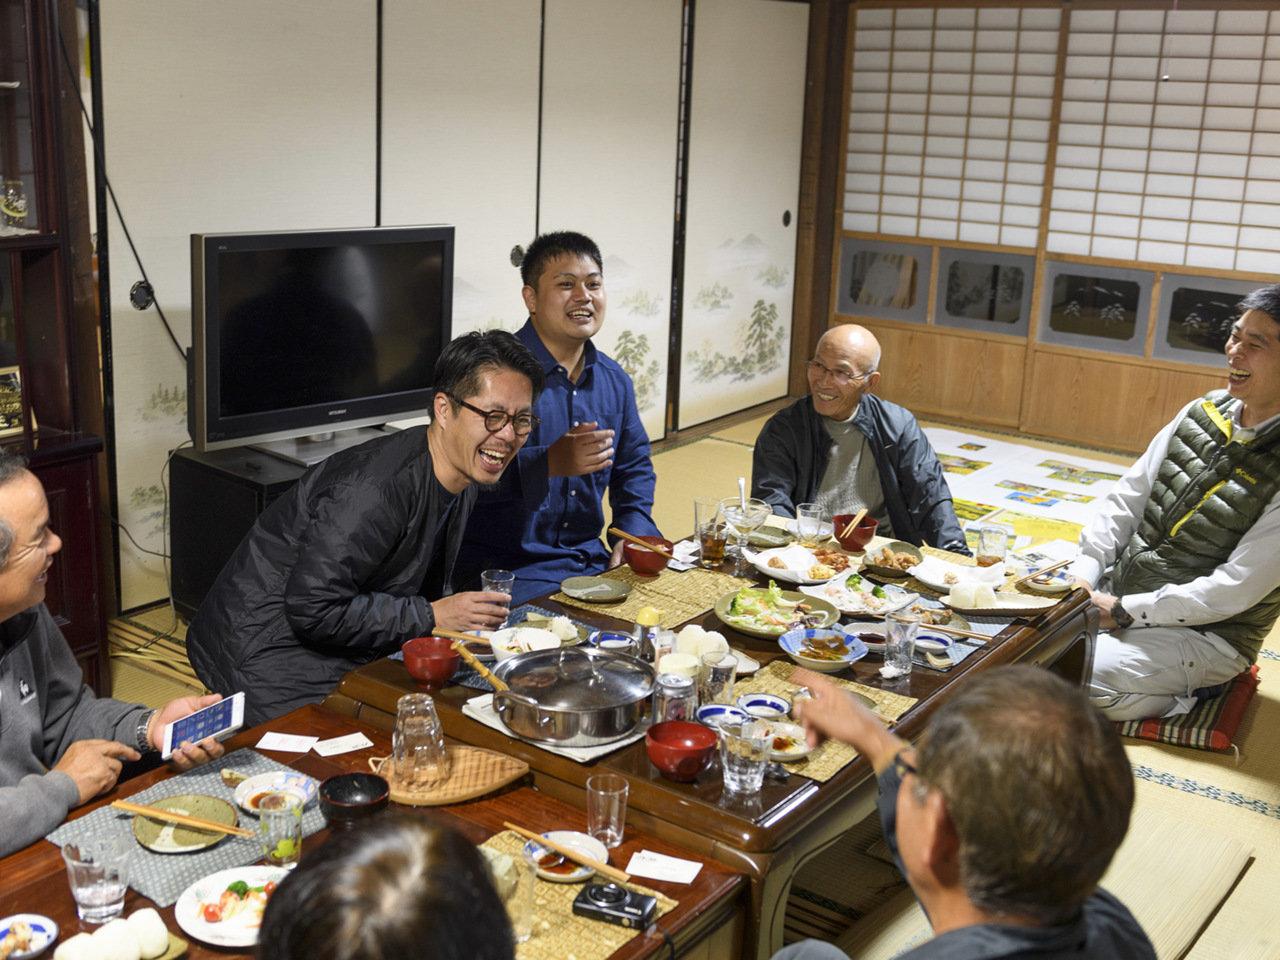 鹿児島県の山の廃校から広がる、坂口修一郎さんの地域と未来の関係づくり。